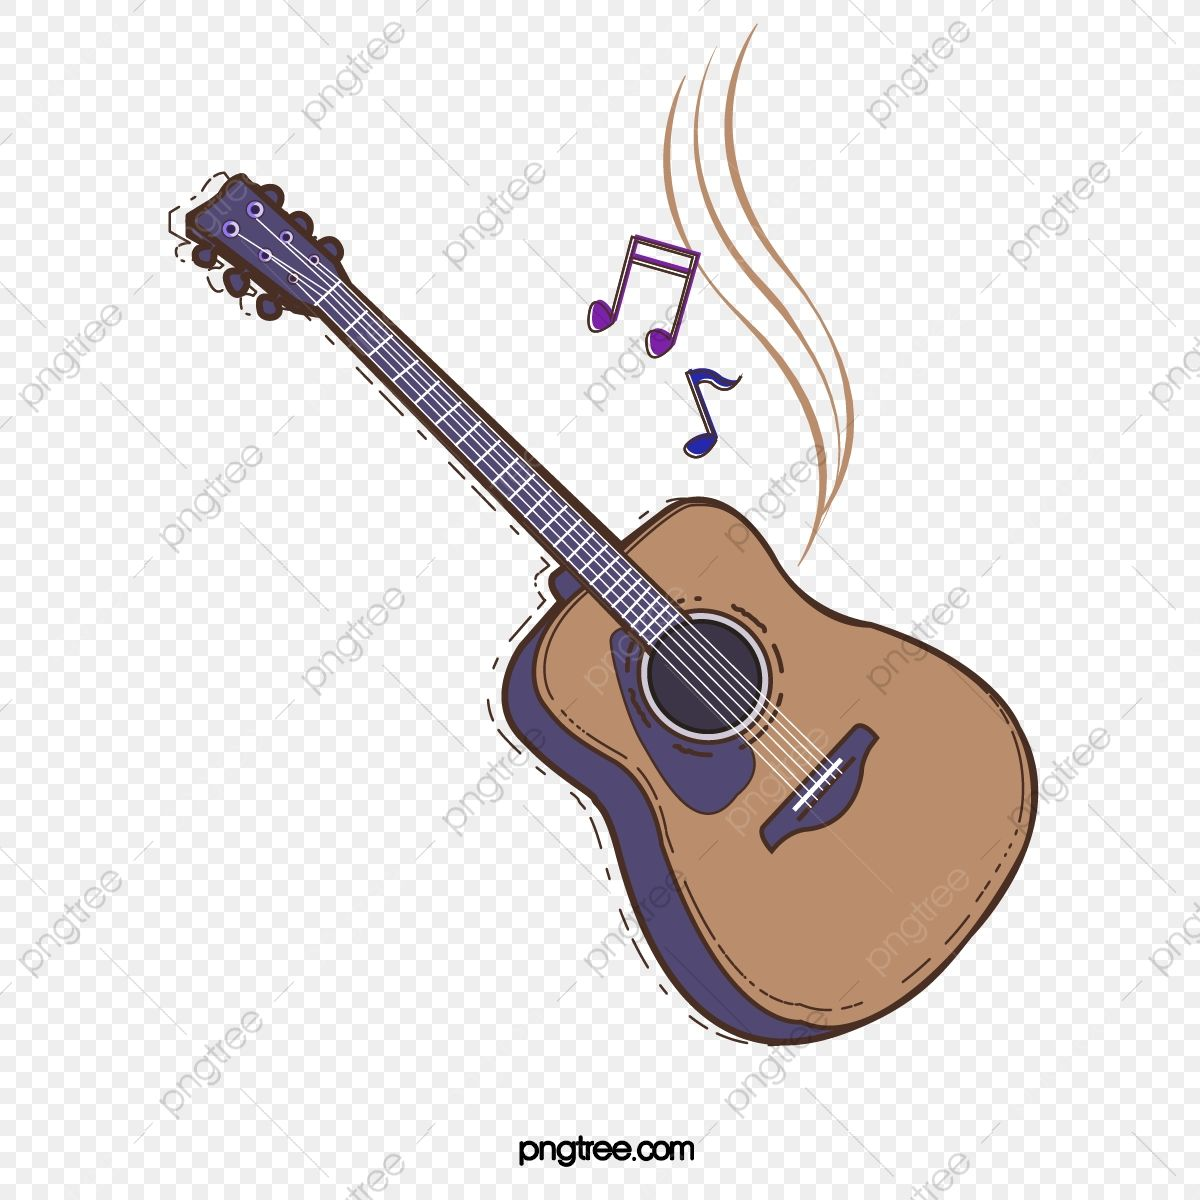 Gambar Gitar Gear Kartun Alat Muzik Lembaran Musik Gaya Kartun Png Dan Vektor Untuk Muat Turun Percuma Kartun Gitar